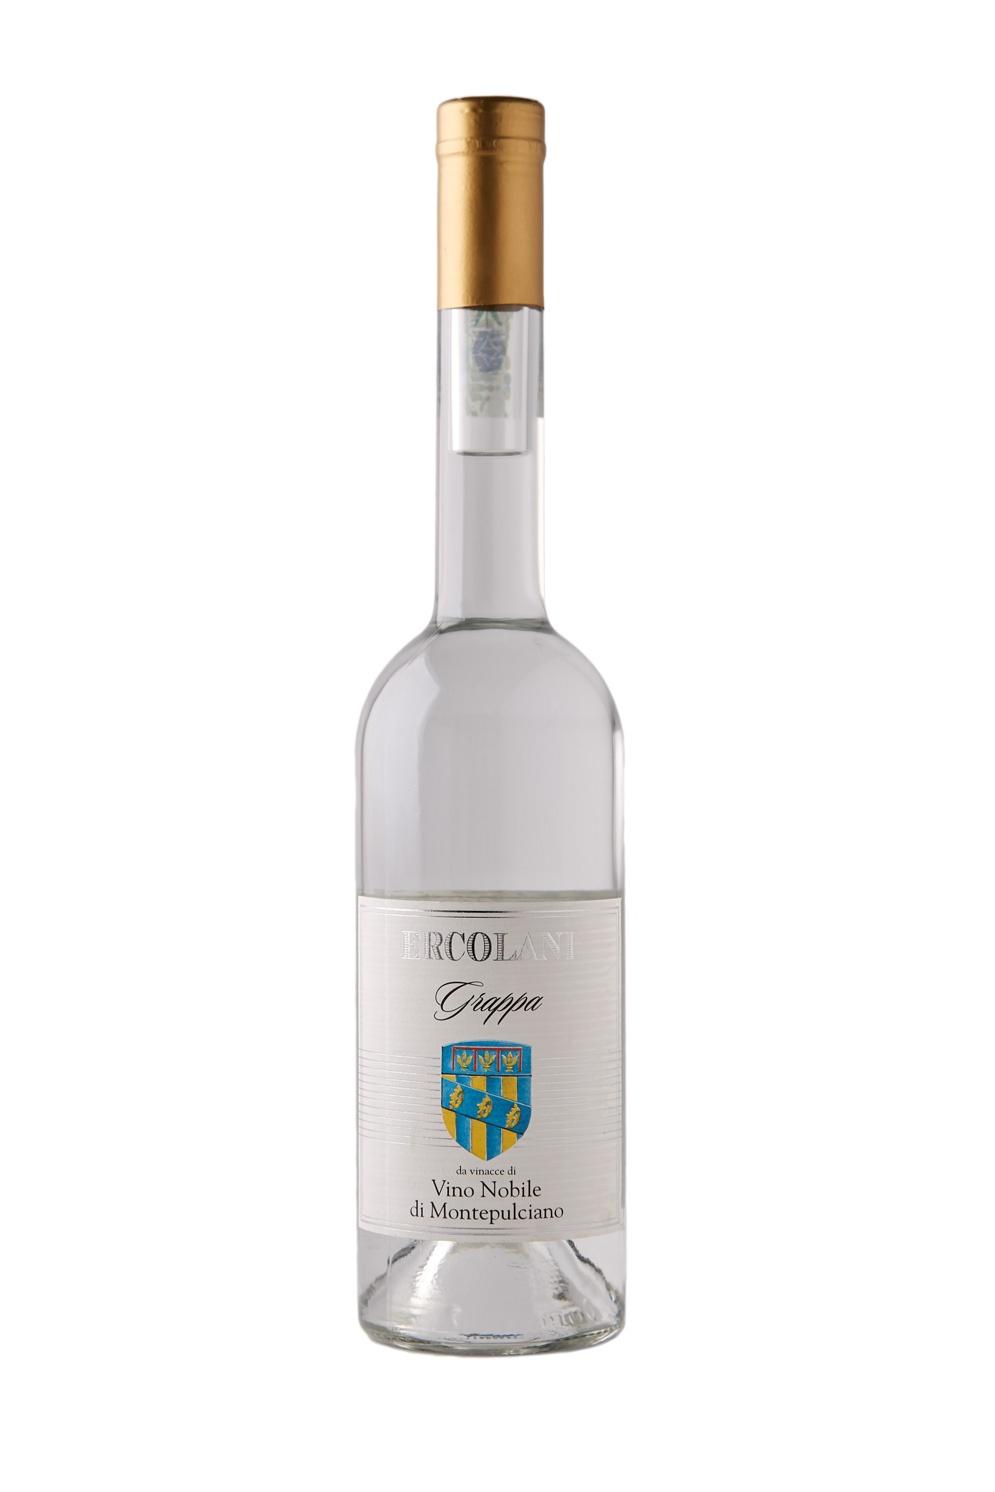 Grappa di vino Nobile di Montepulciano